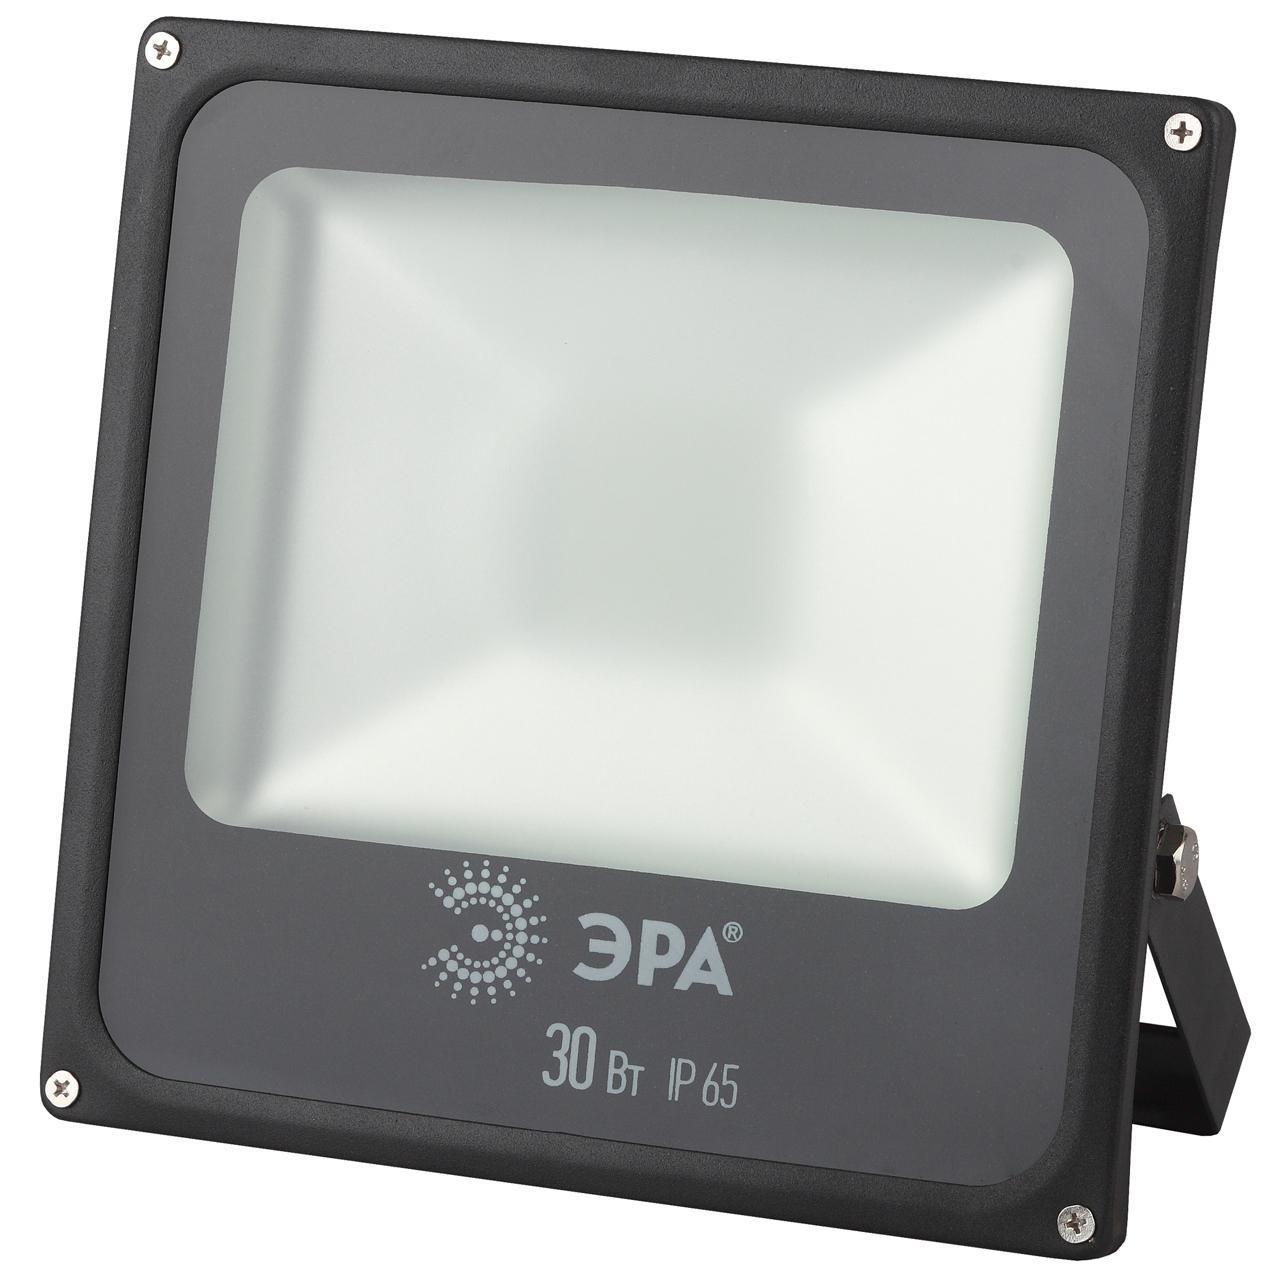 Прожектор Эра LPR-30-4000K-M SMD, 30 Вт